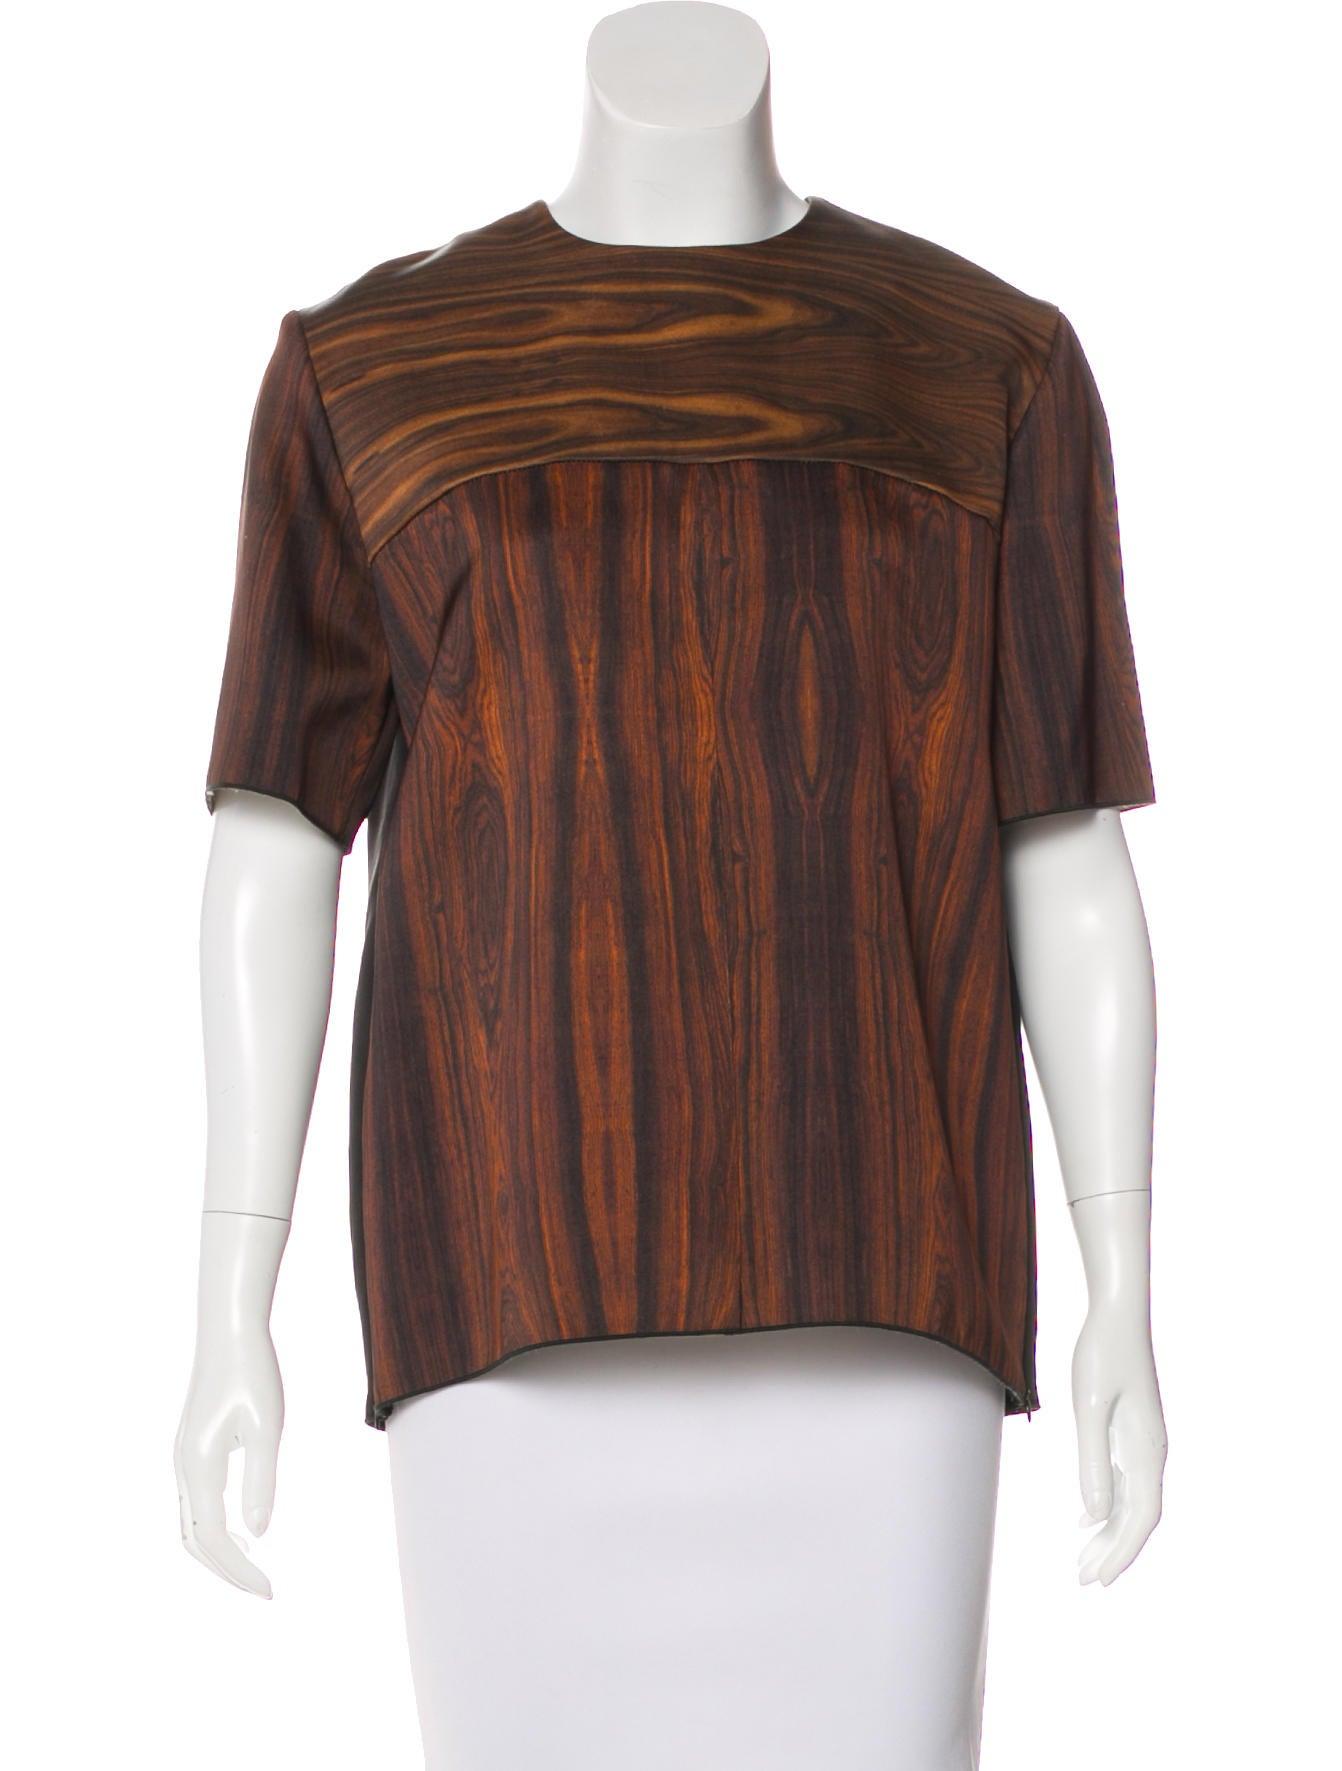 813f2555eee5 Celine Céline Silk Wood Grain Print Top - Clothing - CEL57727   The ...